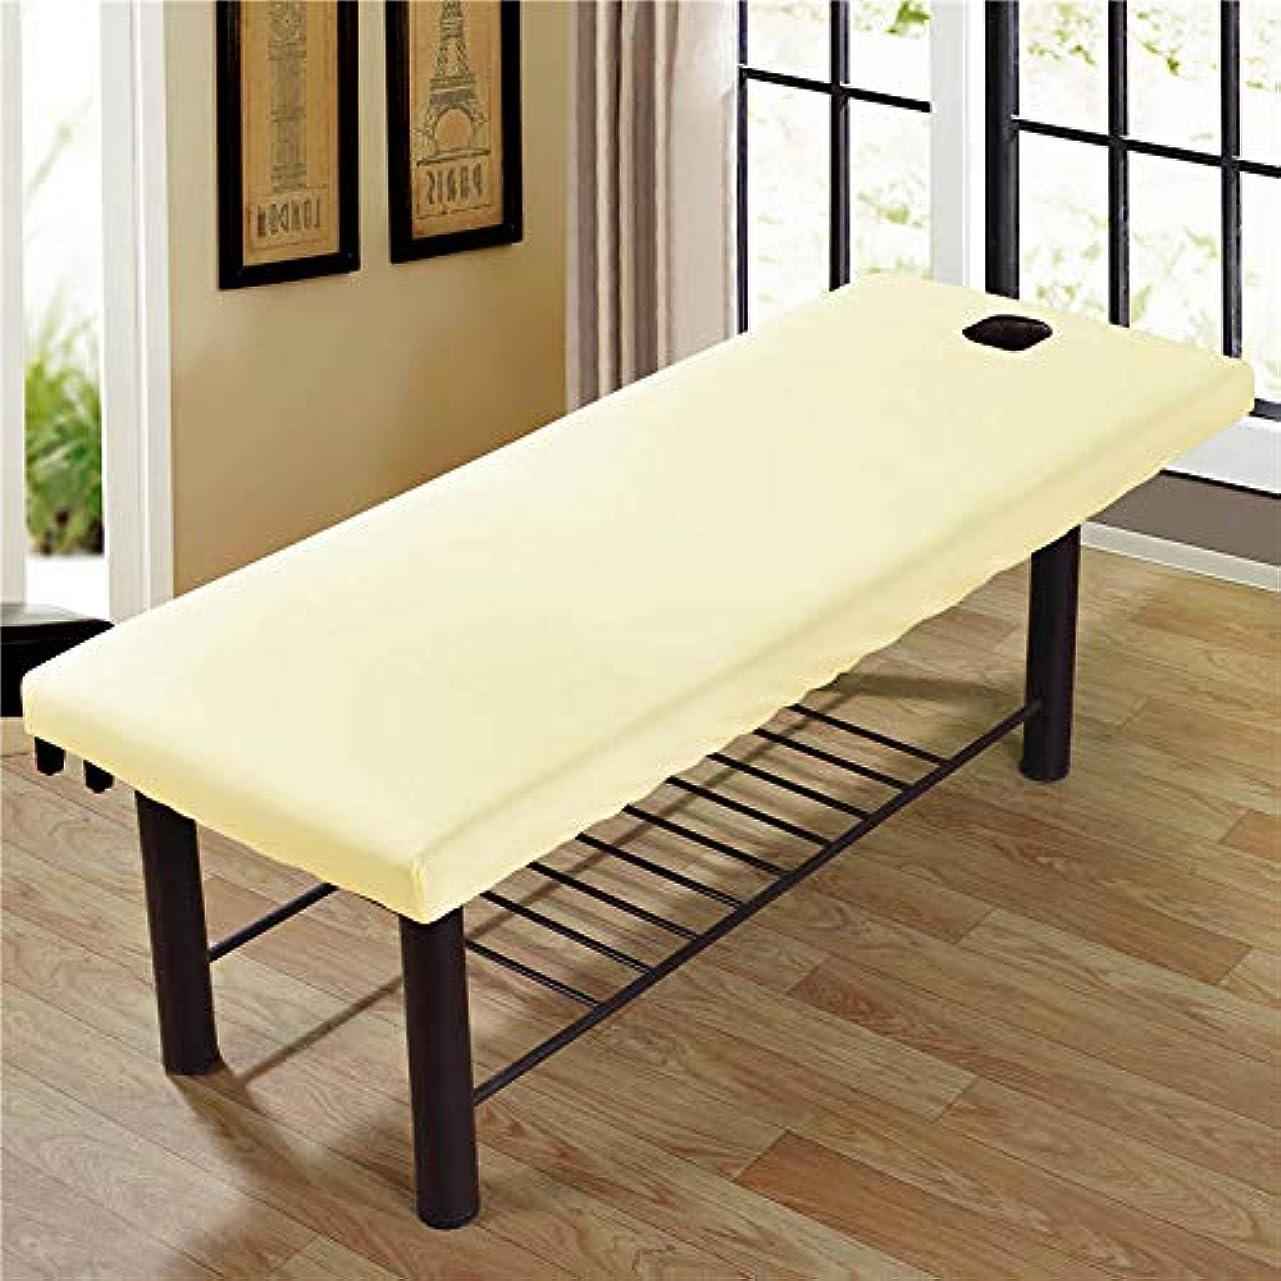 不名誉エイリアンチャームTenflyer 美容院のマッサージ療法のベッドのための柔らかいSoliod色の長方形のマットレス